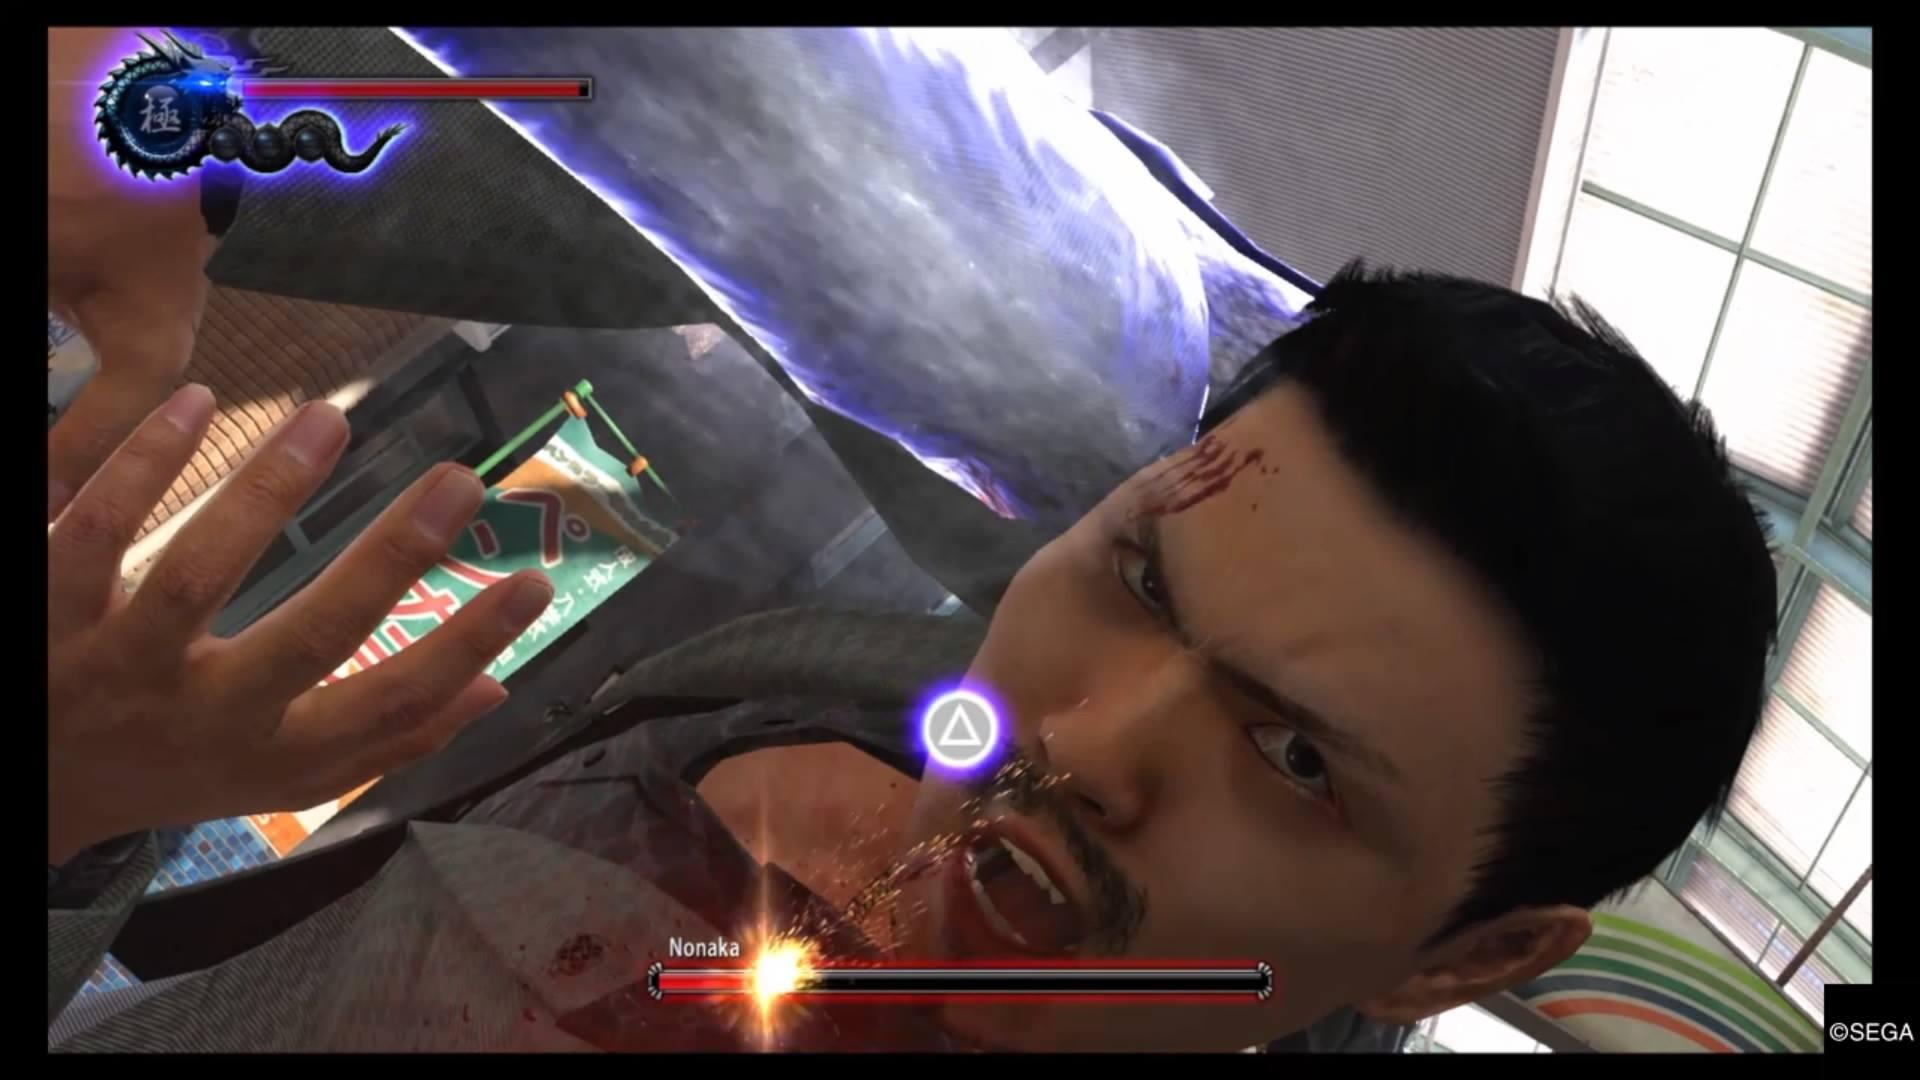 Yakuza 6 image 1